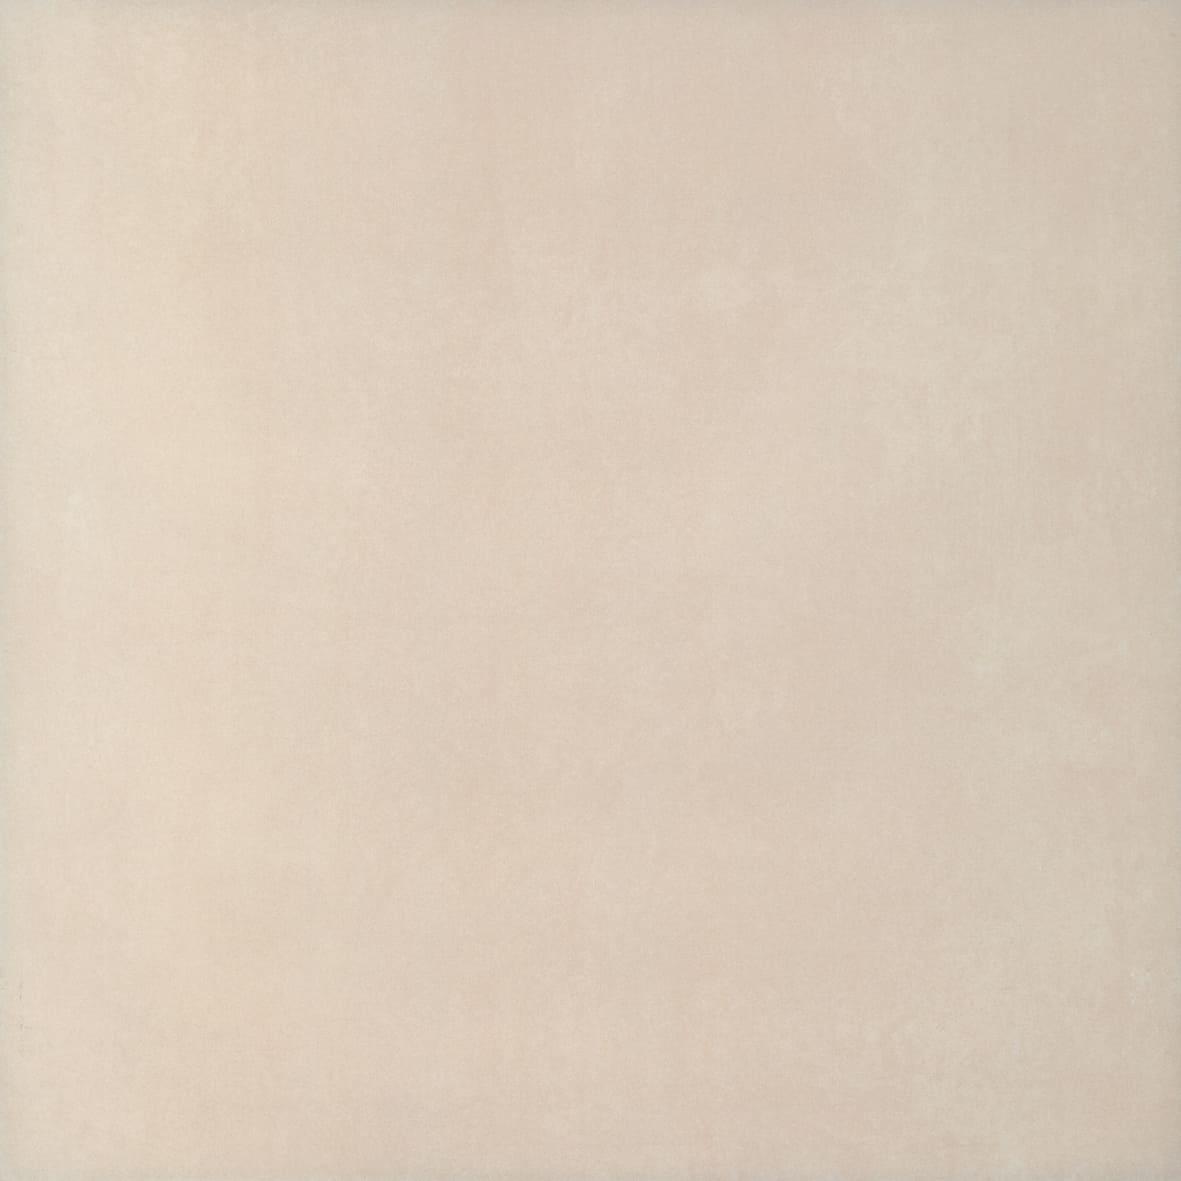 Porcelanato Elizabeth Urban Beige 84x84 cm Acetinado